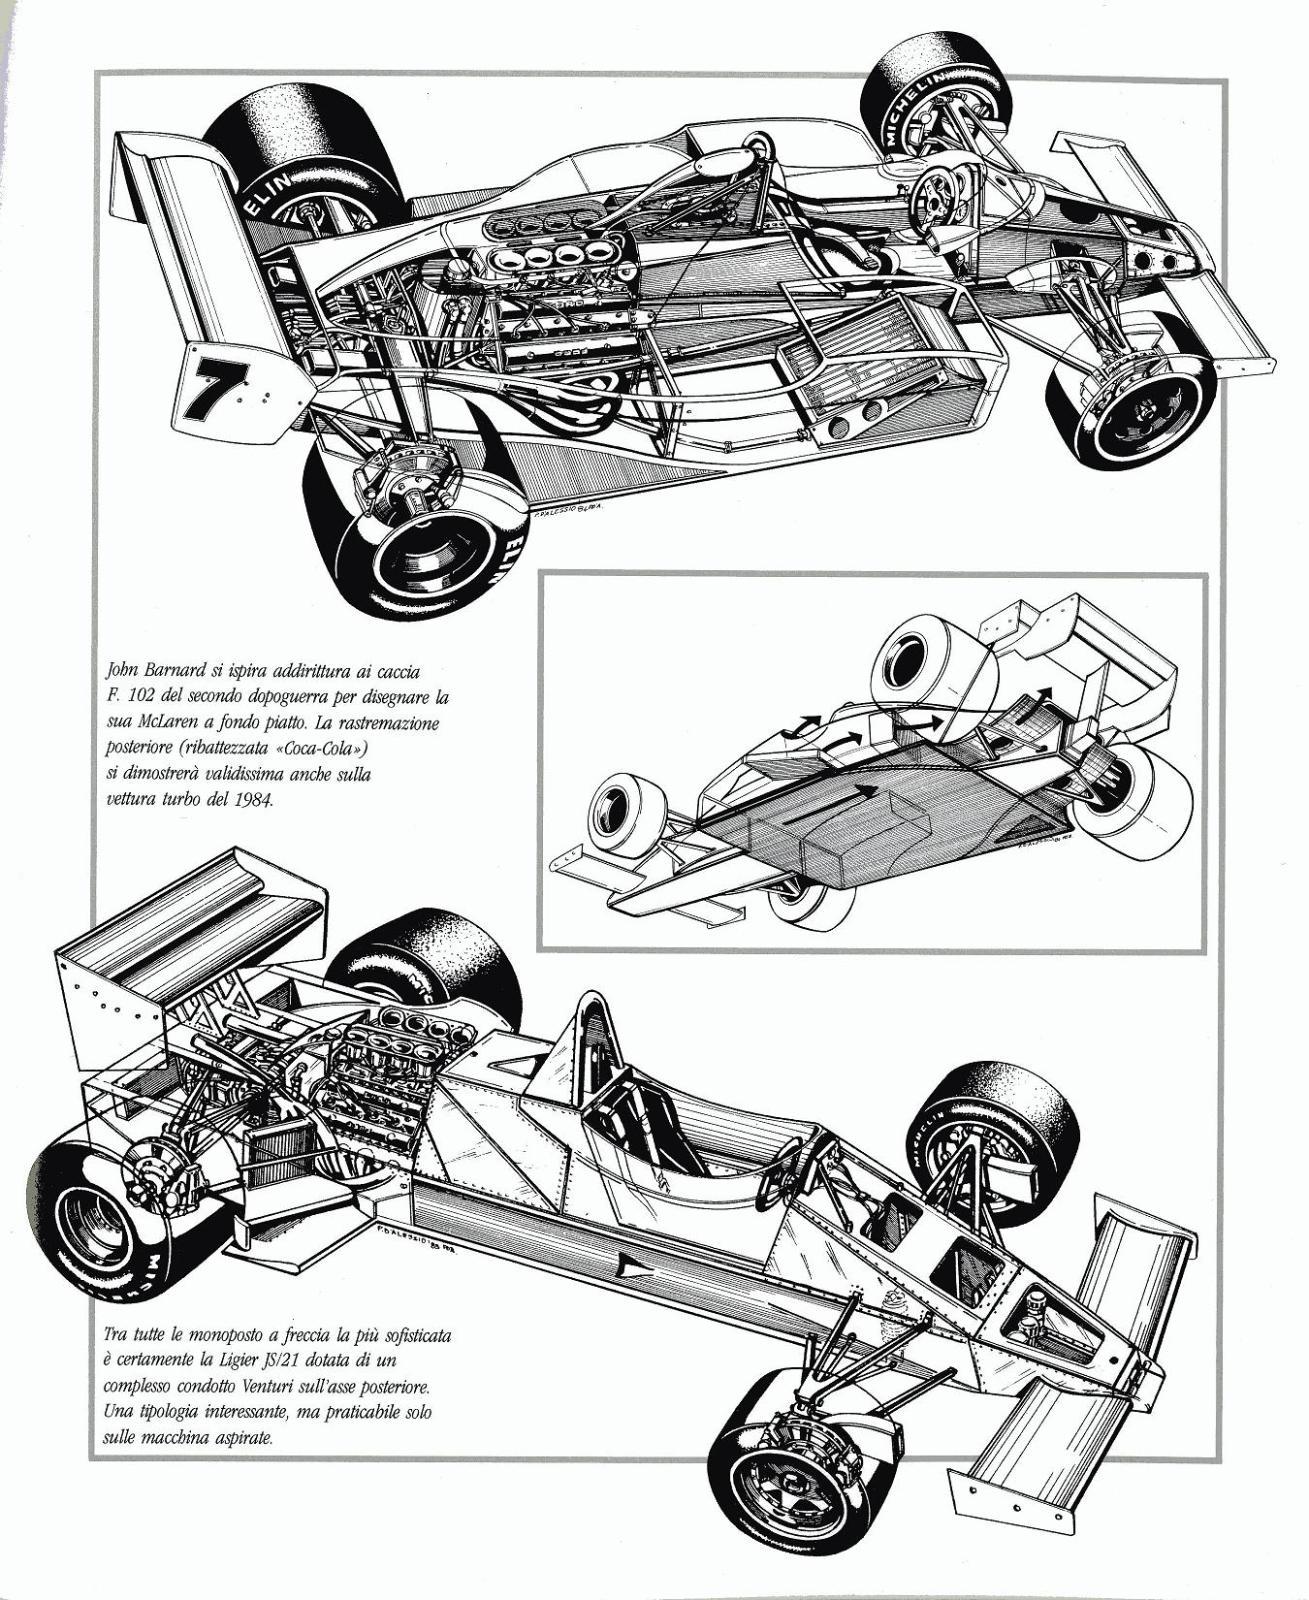 Isis De Maquinas La Historia De Ligier En La Formula 1